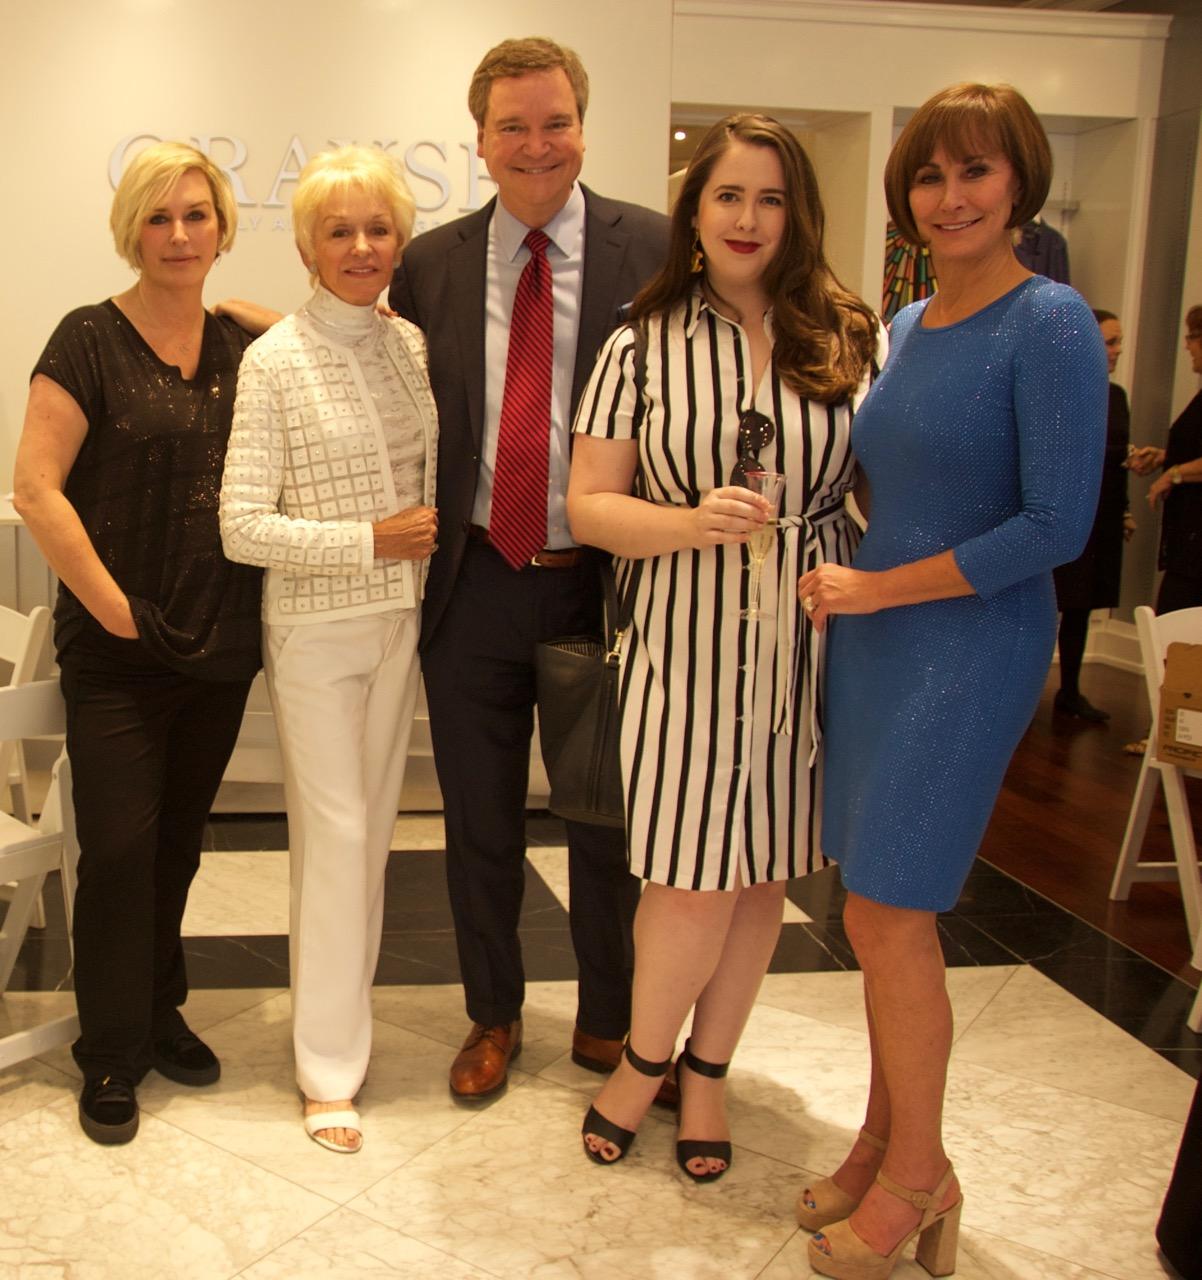 Kelly Gray, Marie Gray, Sam Haskell, & Lynn Weidner